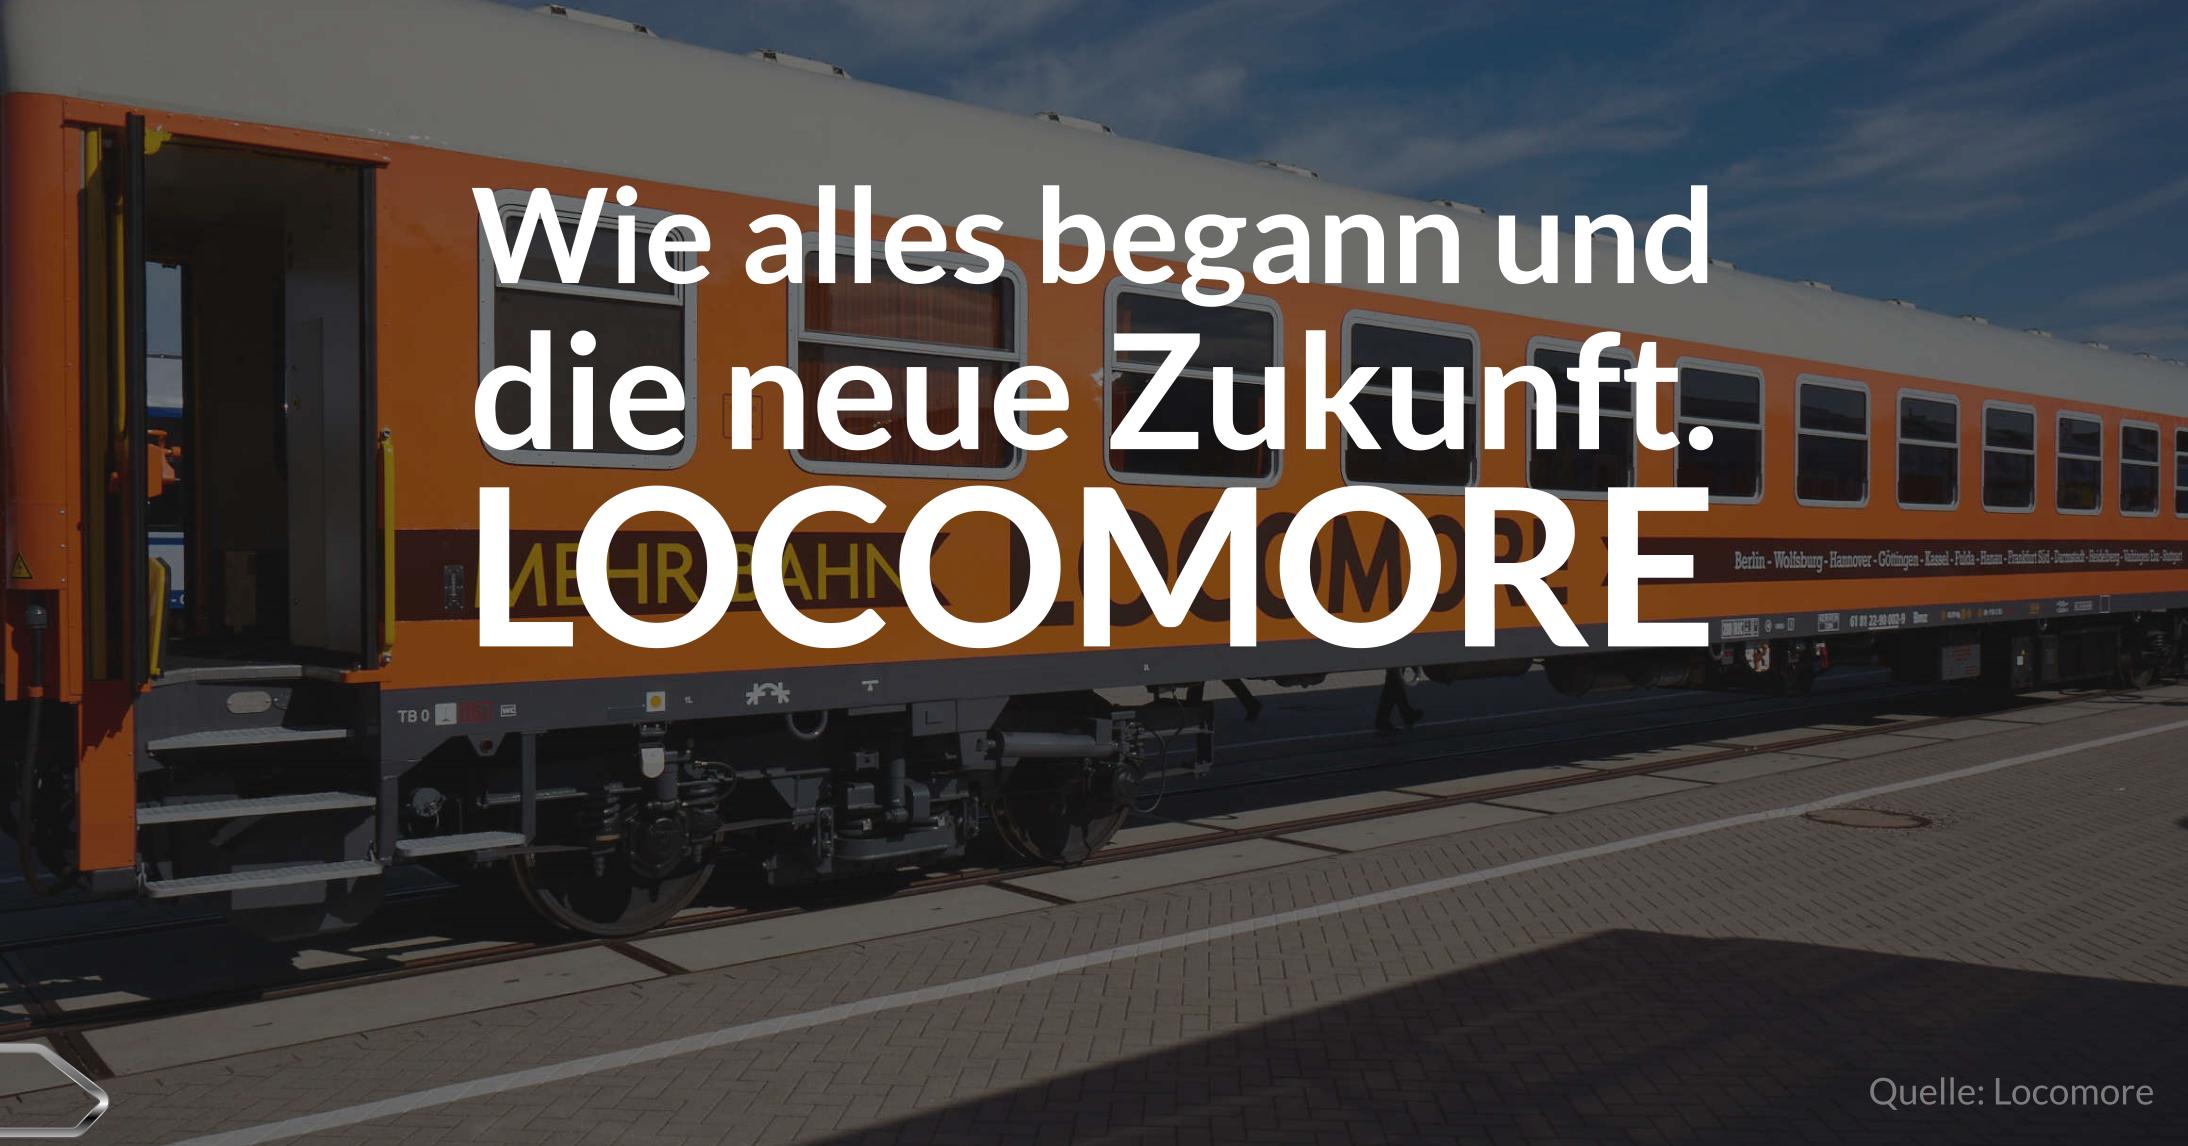 Locomore - Wie alles begann und die neue Zukunft. - Eisenbahn.blog